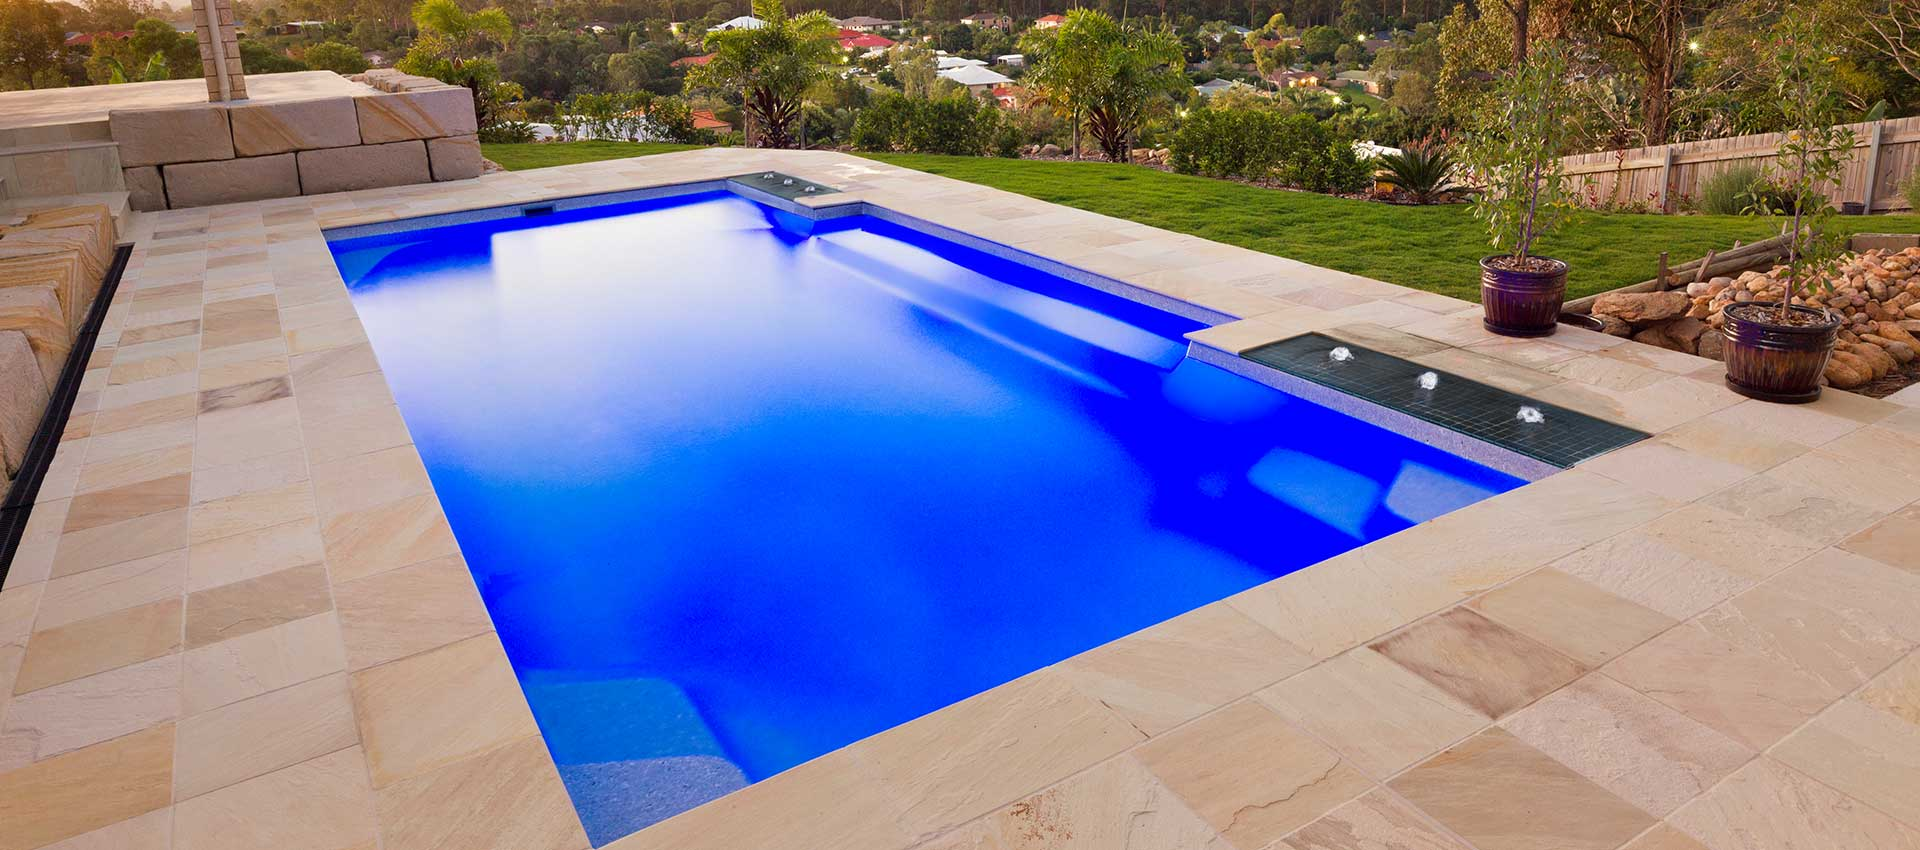 Complete Fibreglass Pool Kits - Hayman Pool 8